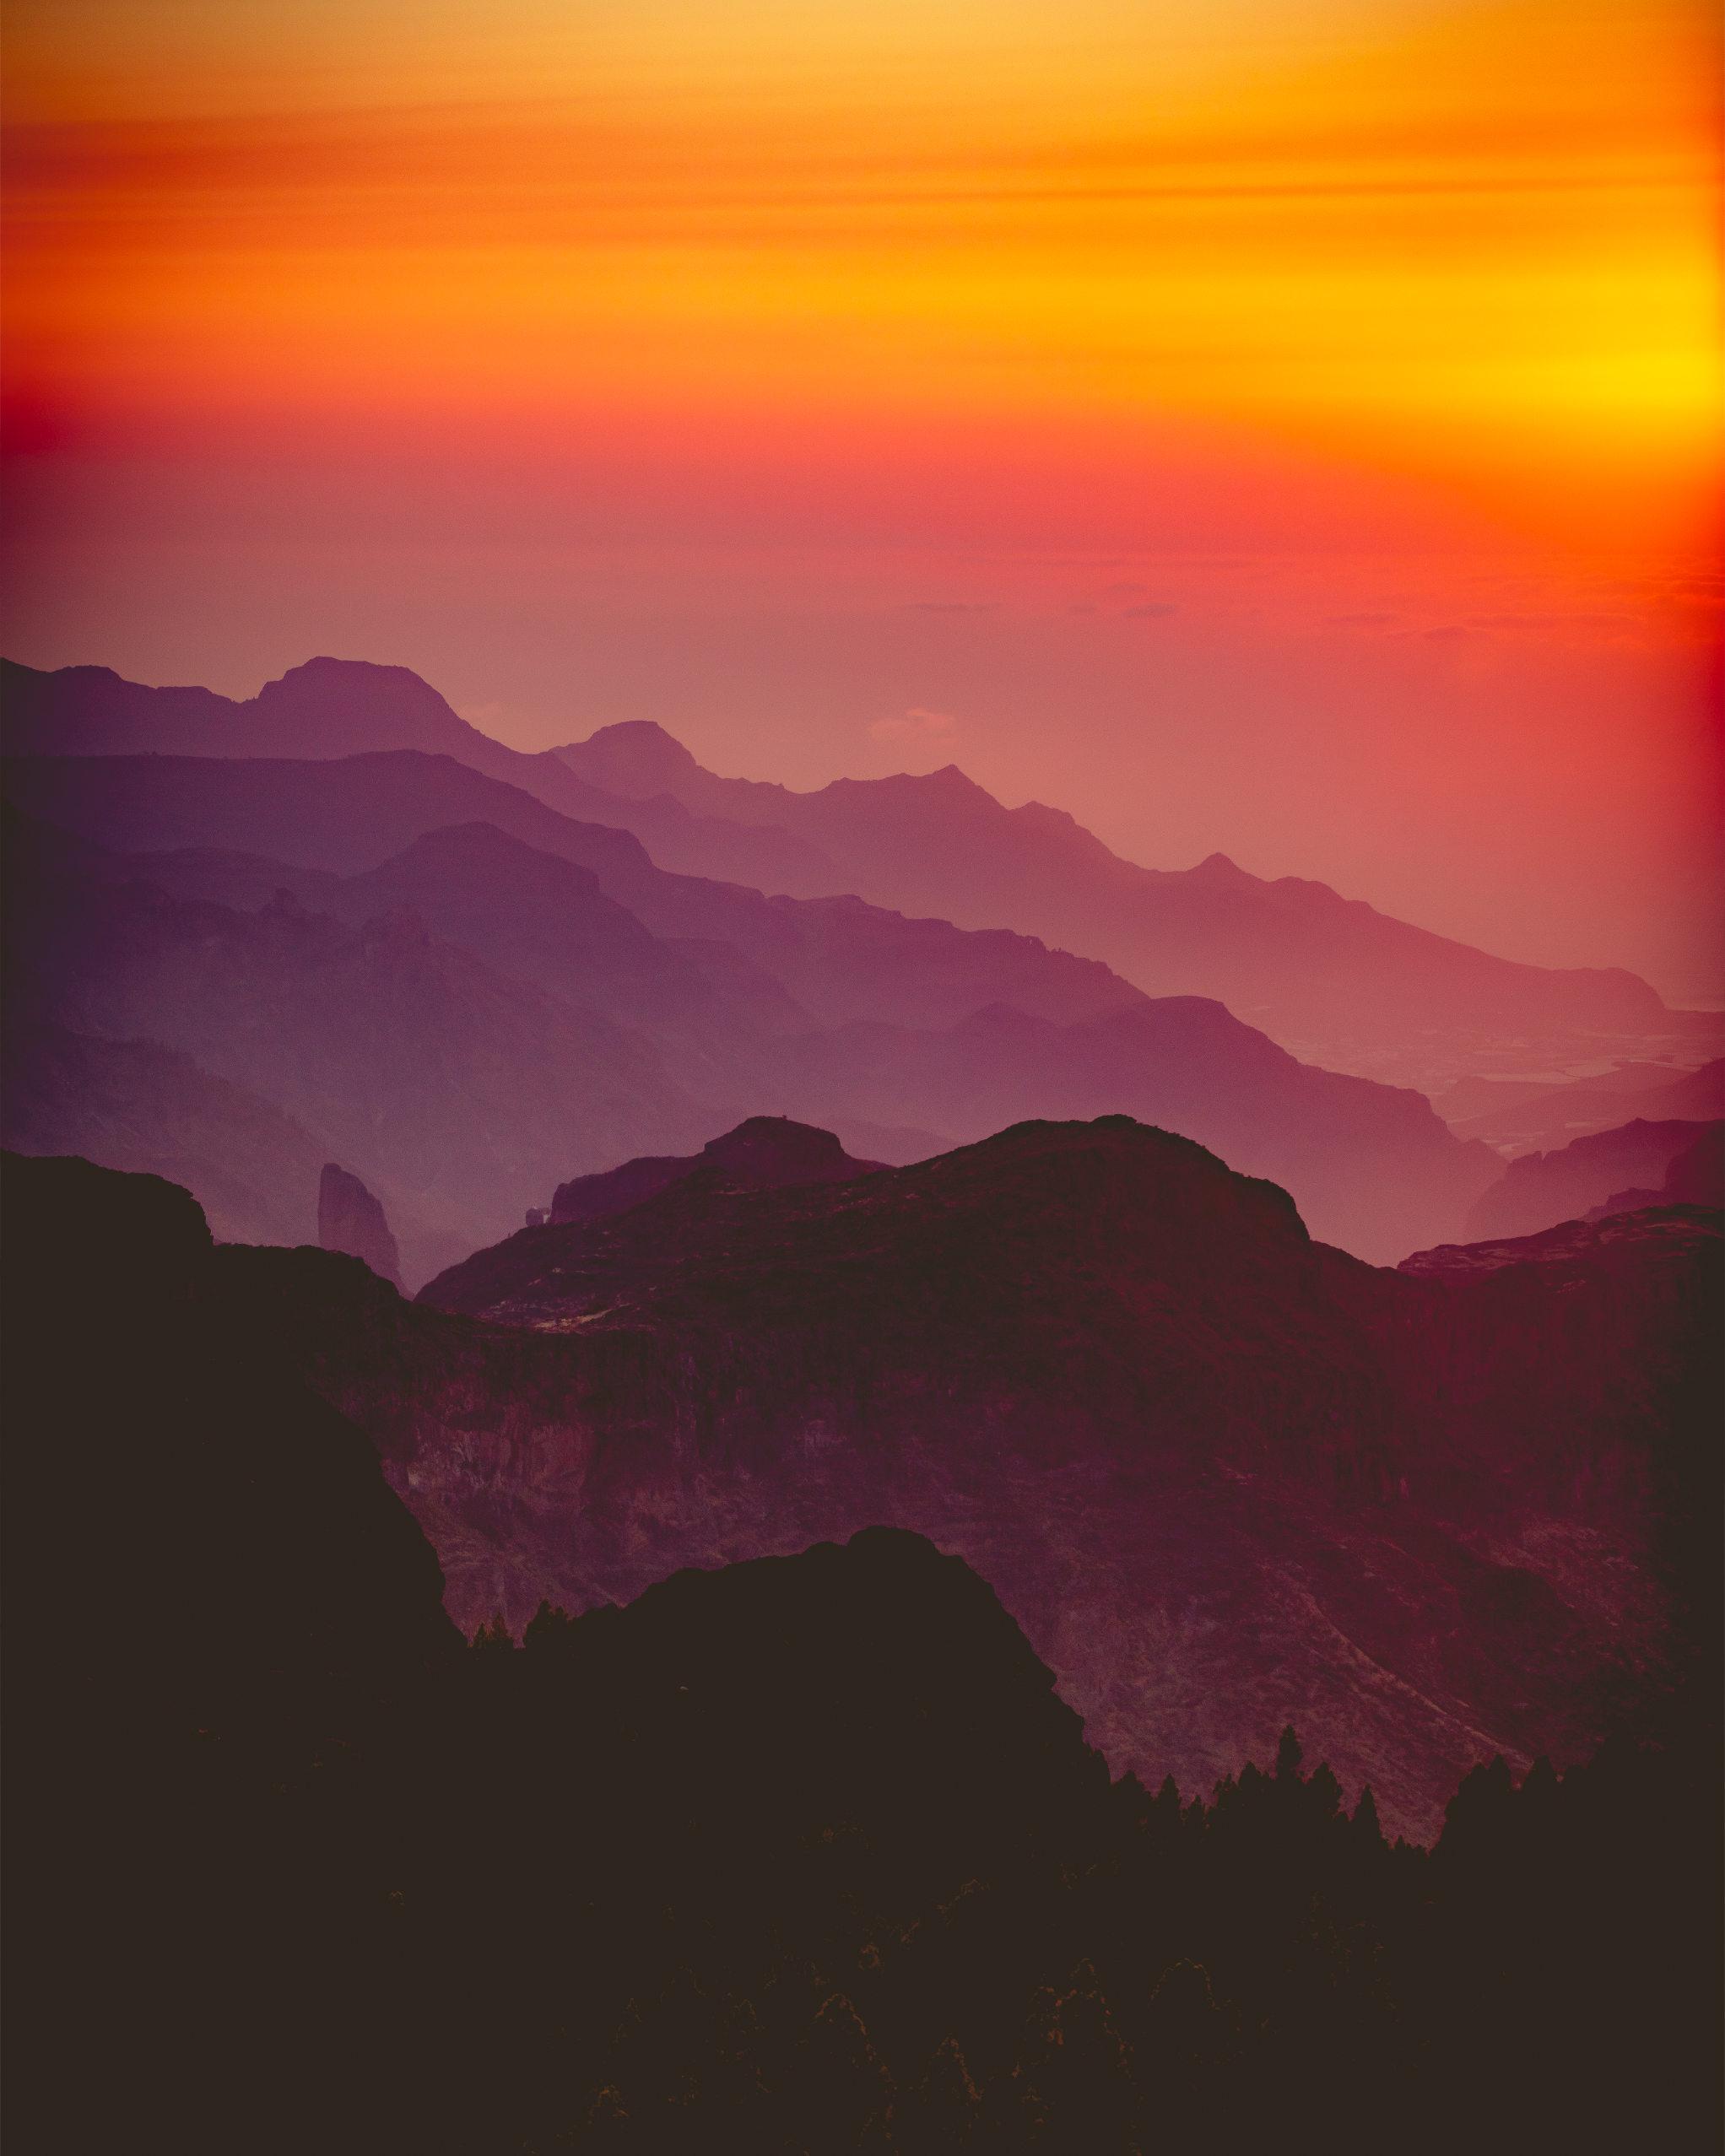 Ein farbenprächtiger Sonnenuntergang über Gran Canaria vom Roque Nublo aus, dem höchsten Gipfel der Insel